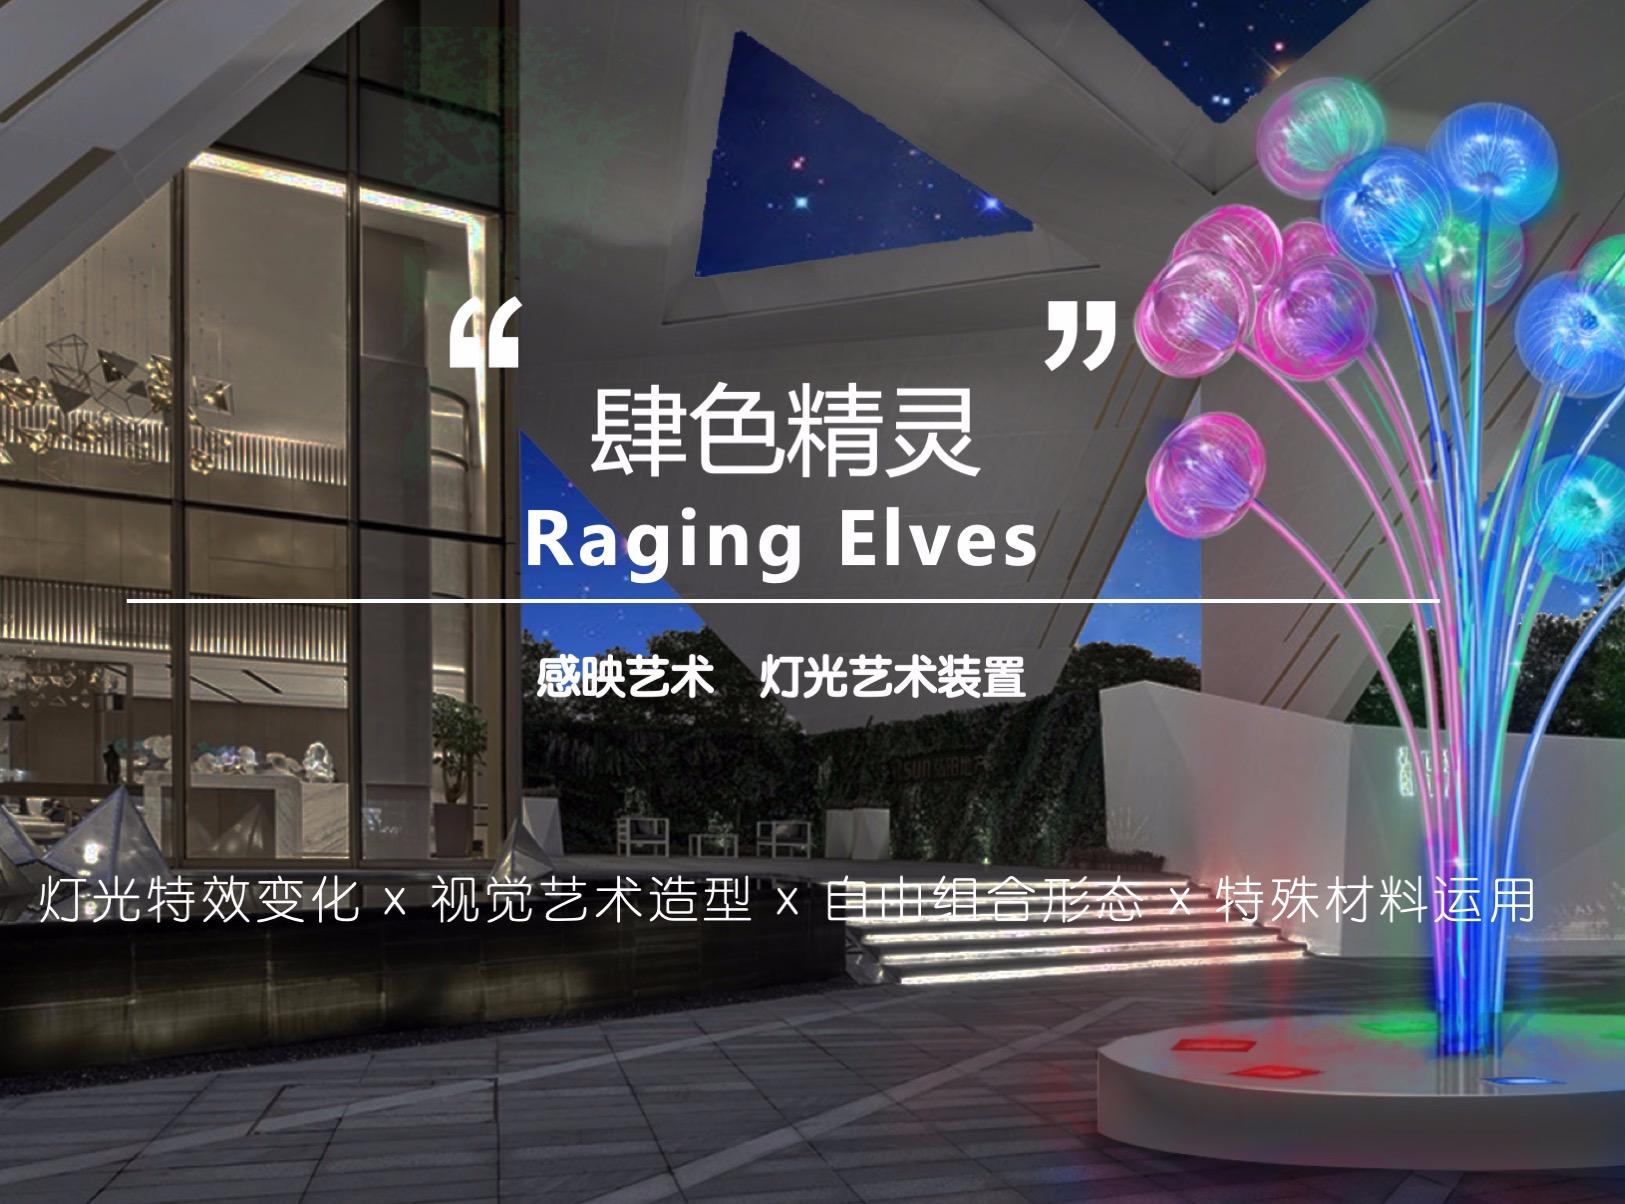 肆色精灵  Raging Elves—感映艺术出品